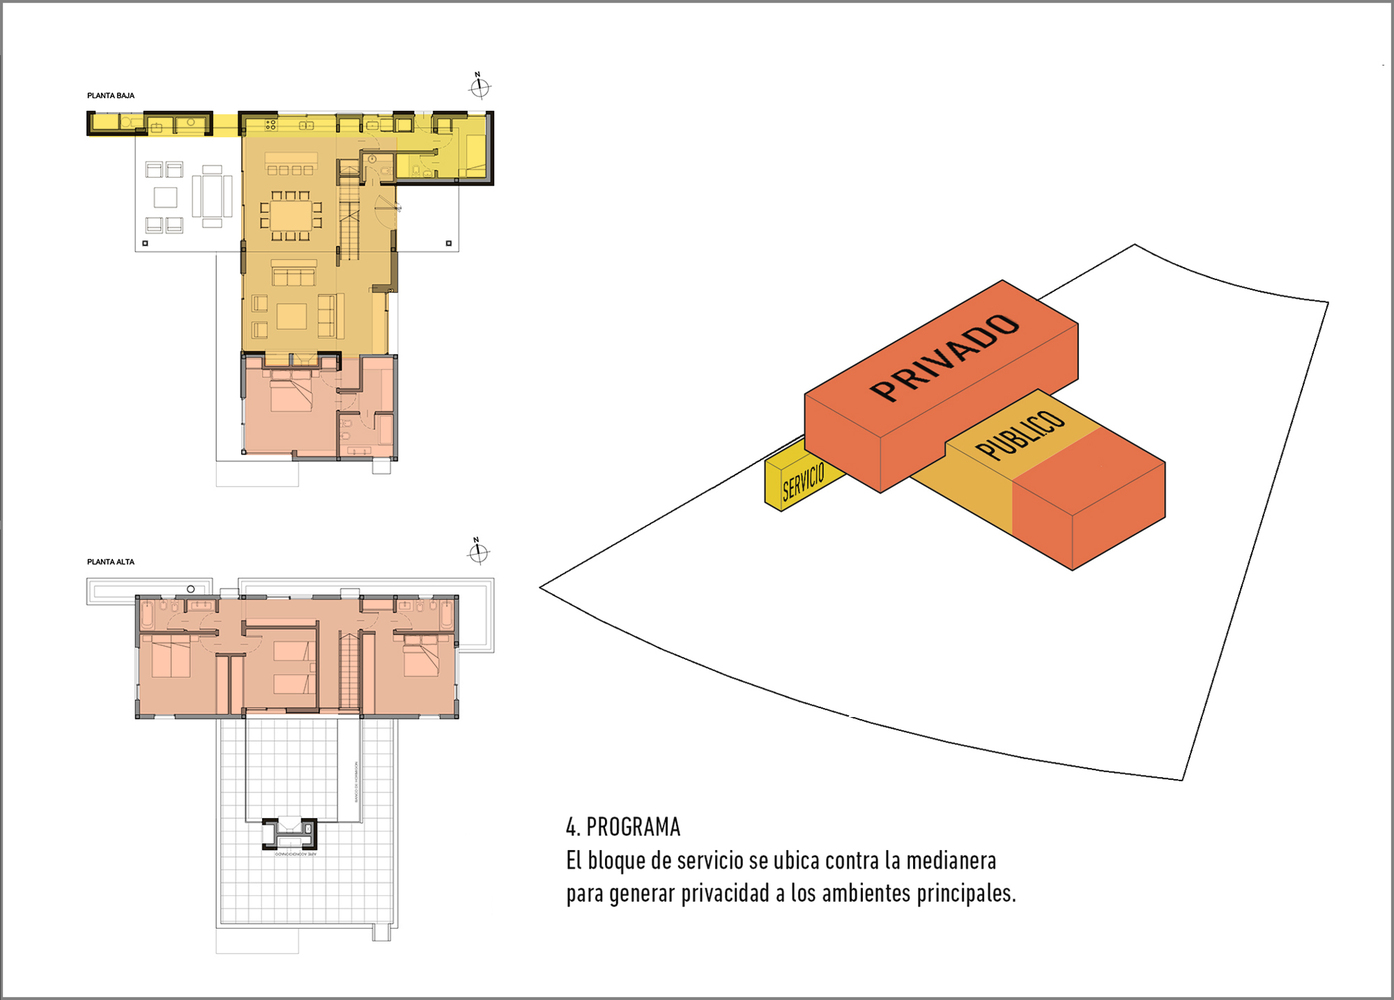 Esquemas funcionales: estrategias de organización programática en casas de Argentina,Casa AG / ZIM arquitextura. Image